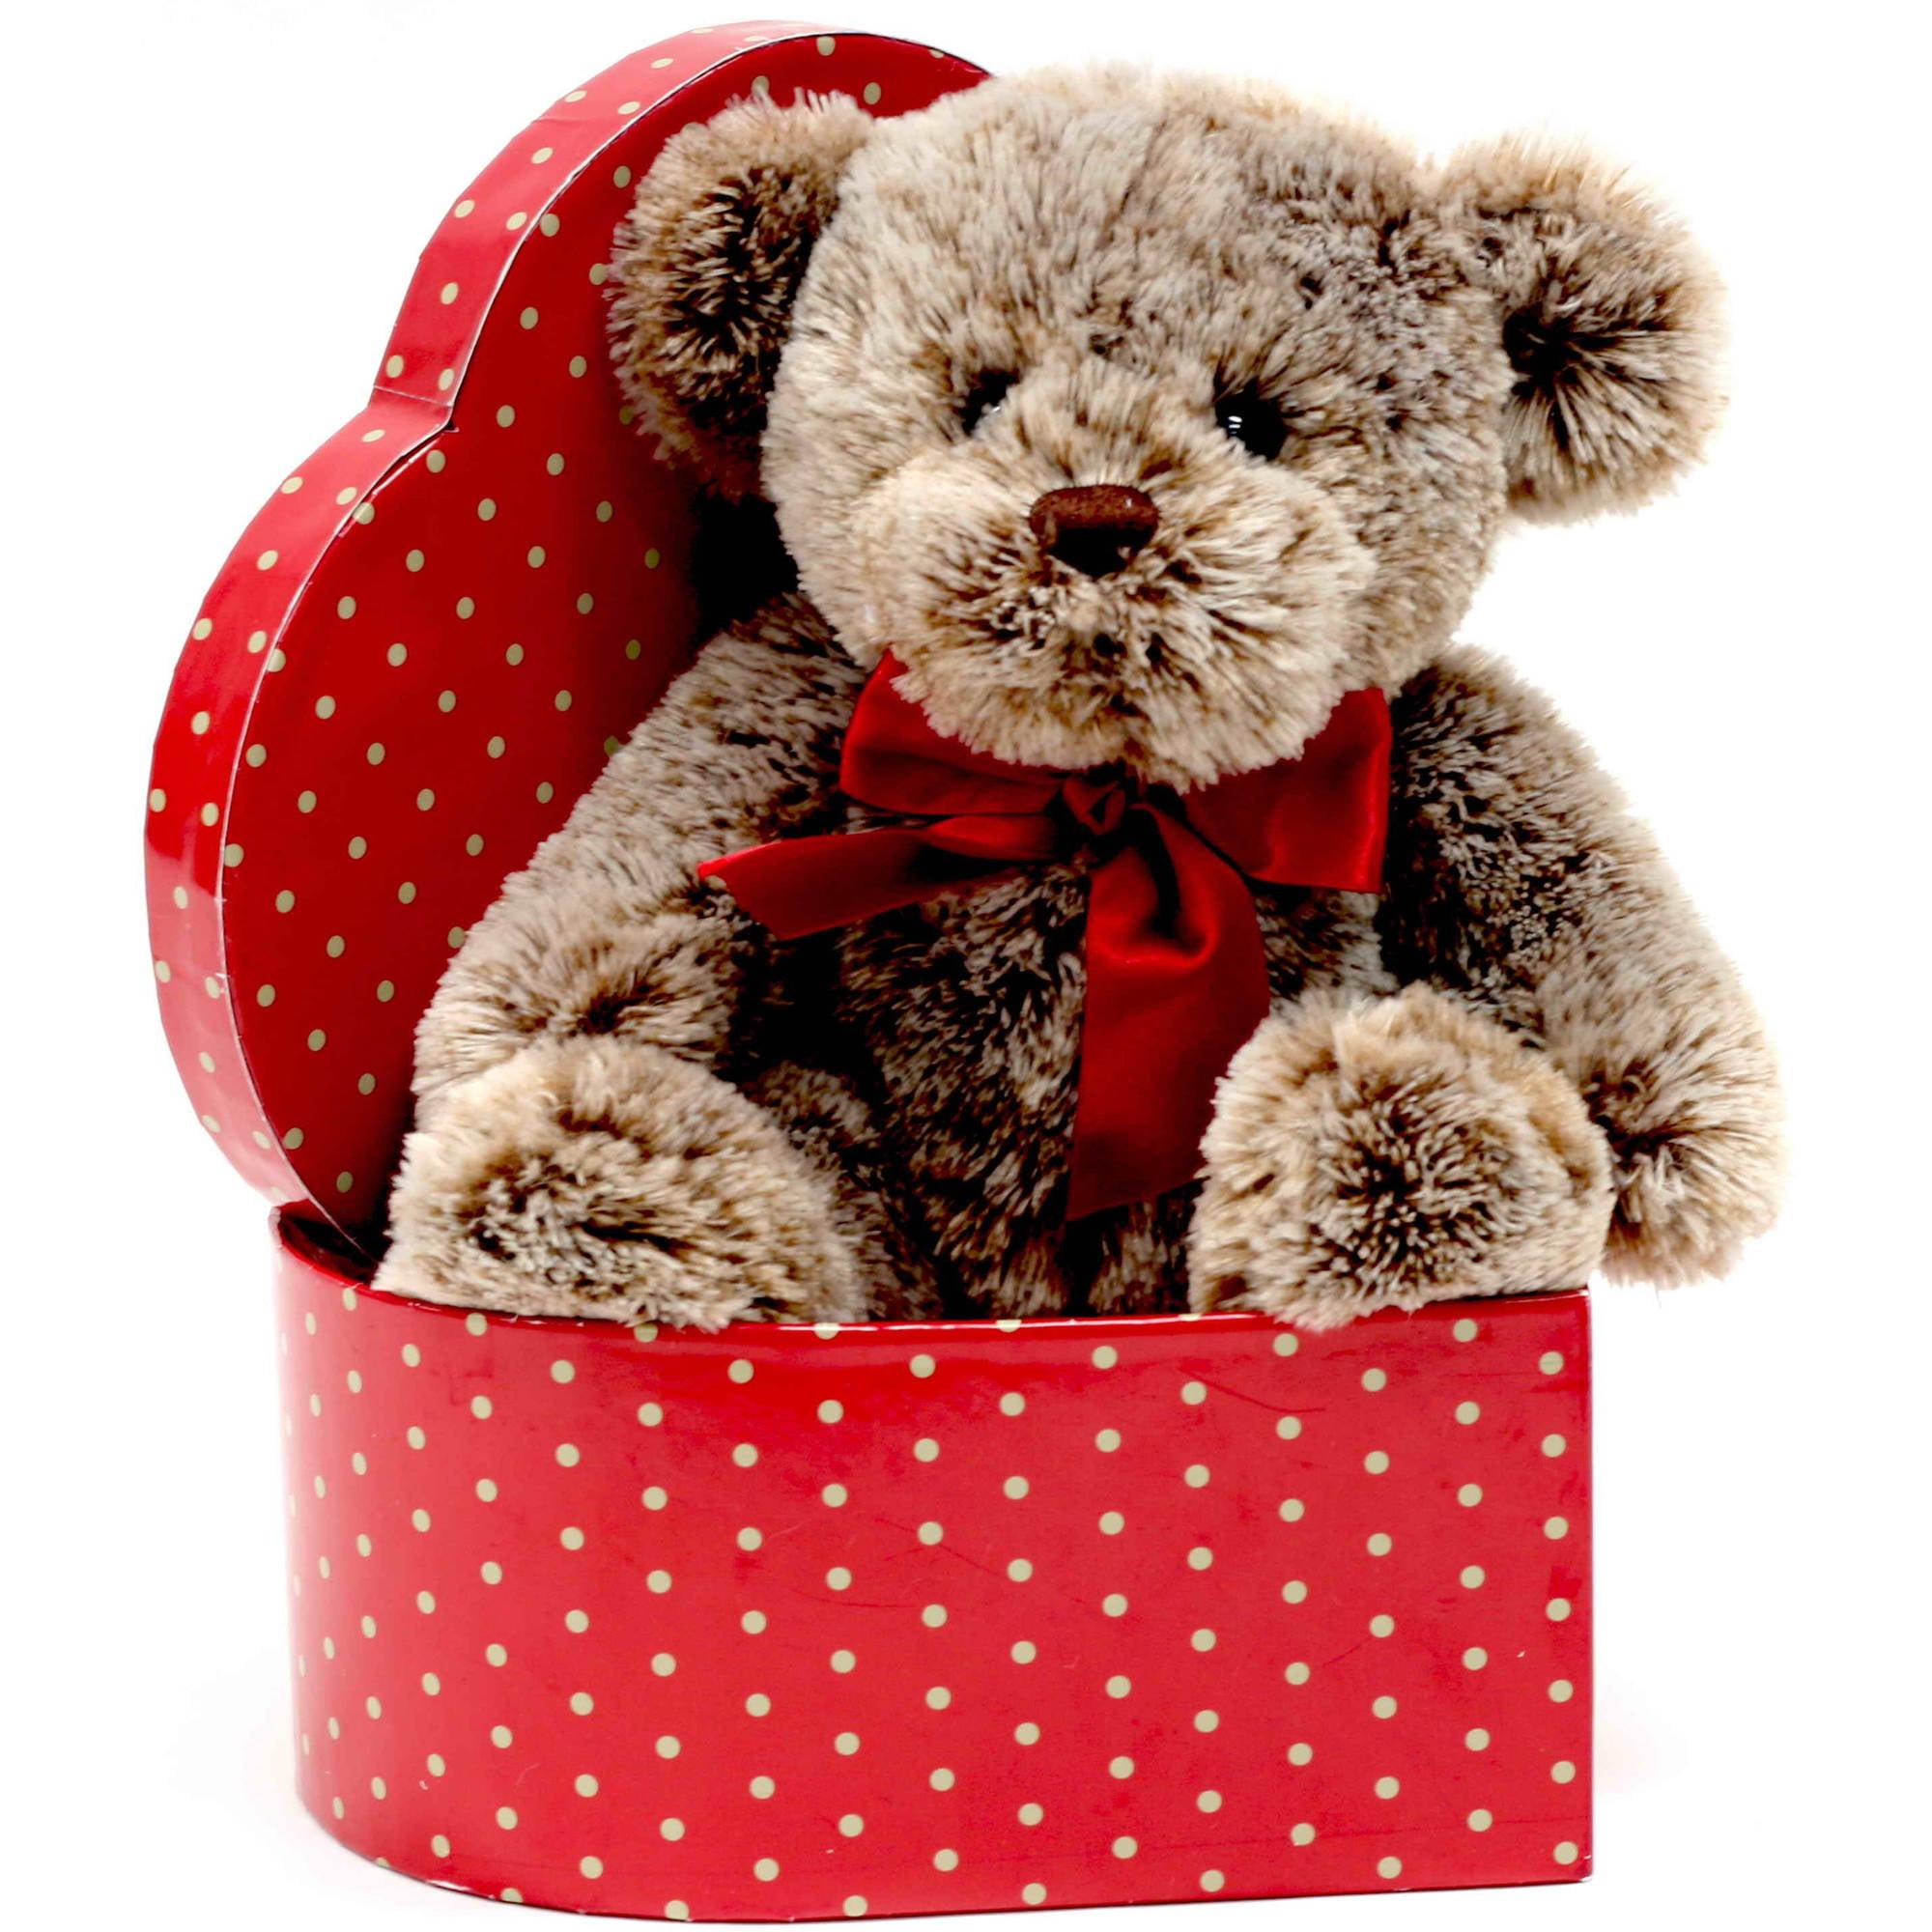 Außergewöhnlich Valentine Glamorous Stuffed Plush Teddy With Red Heart Gift Box   Walmart .com